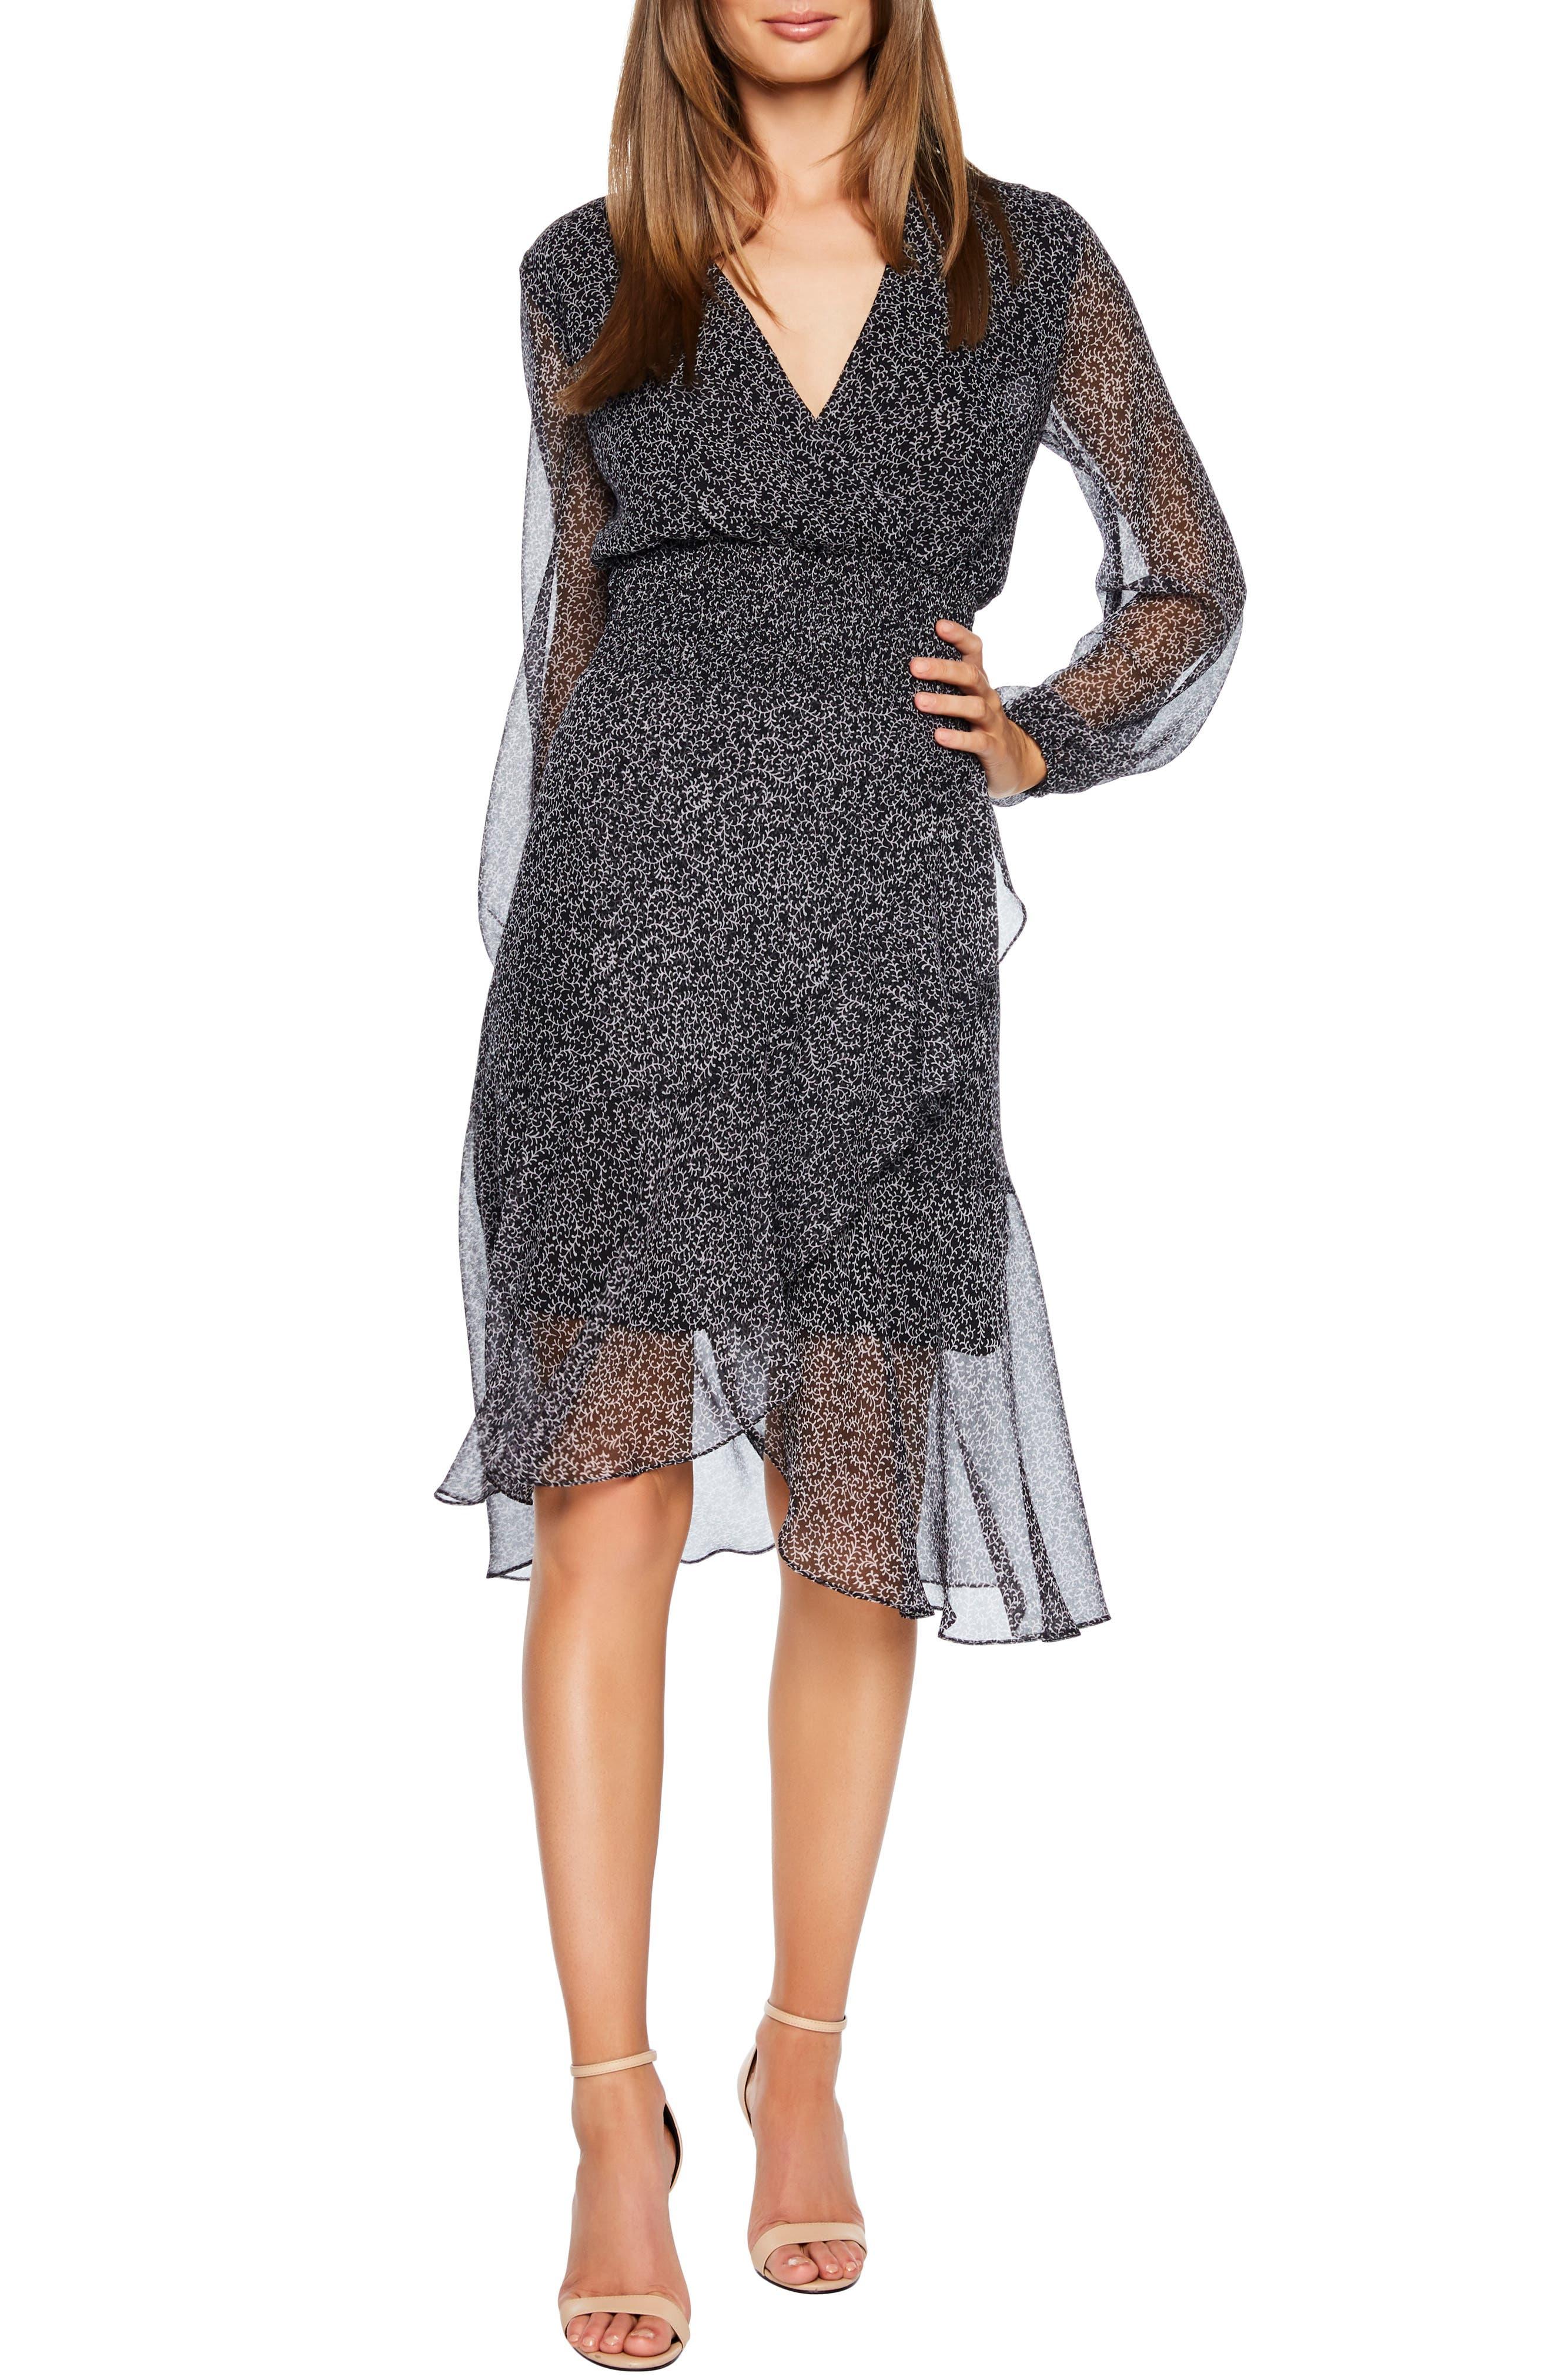 BARDOT Sally Faux Chiffon Wrap Dress, Main, color, ABSTRACT PAISLEY